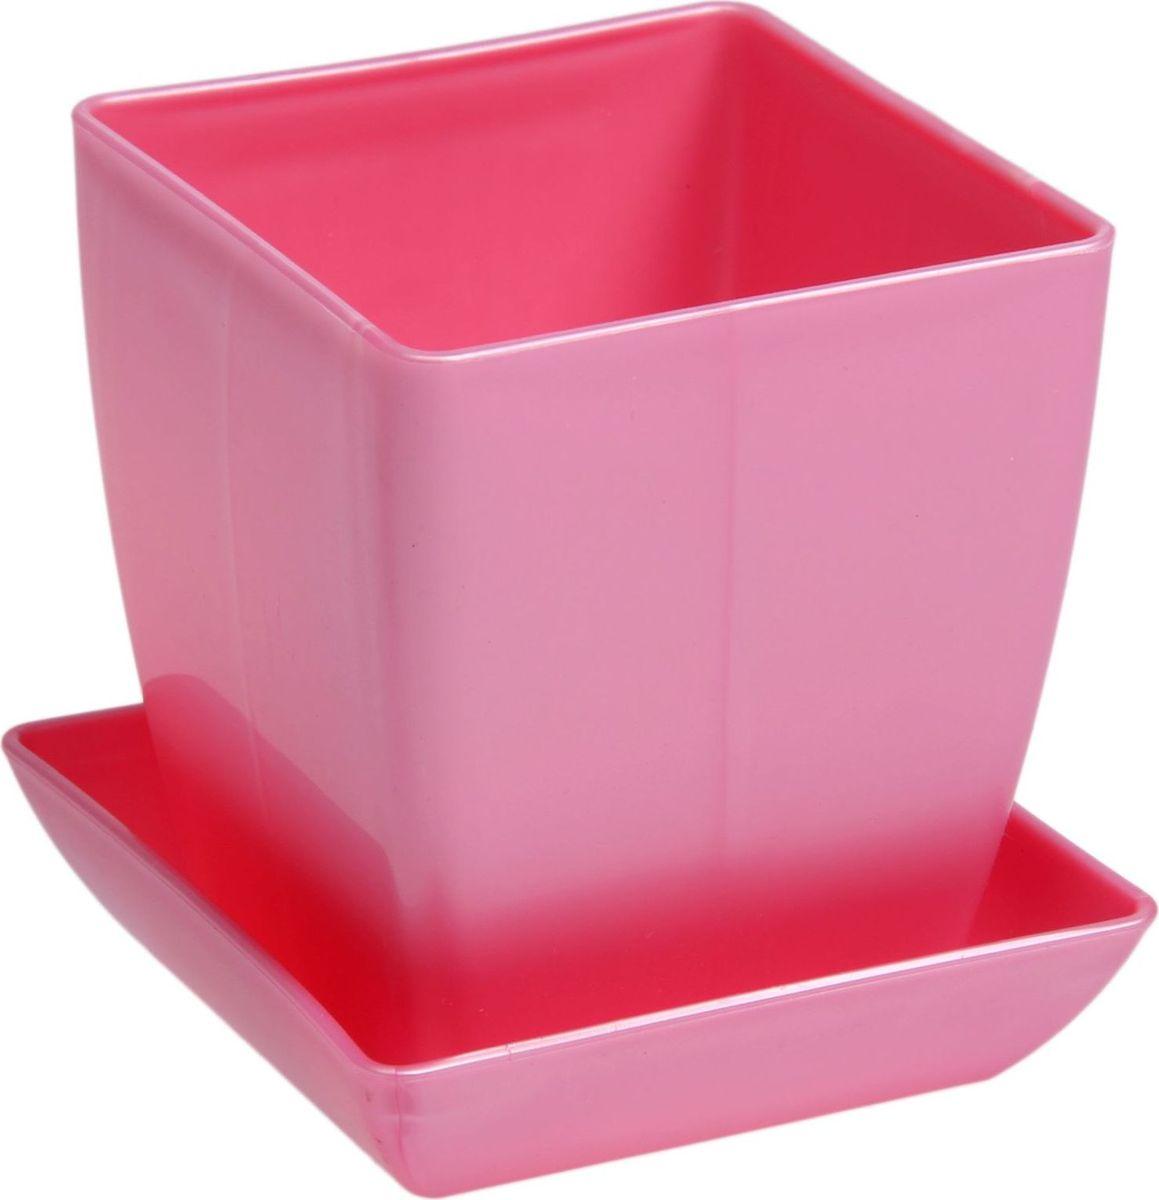 Горшок для цветов Квадрат, с поддоном, цвет: розовый, 0,3 л1459530Любой, даже самый современный и продуманный интерьер будет незавершенным без растений. Они не только очищают воздух и насыщают его кислородом, но и украшают окружающее пространство. Такому полезному члену семьи просто необходим красивый и функциональный дом! Оптимальный выбор материала - пластмасса! Почему мы так считаем?- Малый вес. С легкостью переносите горшки и кашпо с места на место, ставьте их на столики или полки, не беспокоясь о нагрузке.- Простота ухода. Кашпо не нуждается в специальных условиях хранения. Его легко чистить - достаточно просто сполоснуть теплой водой.- Никаких потертостей. Такие кашпо не царапают и не загрязняют поверхности, на которых стоят.- Пластик дольше хранит влагу, а значит, растение реже нуждается в поливе. Пластмасса не пропускает воздух - корневой системе растения не грозят резкие перепады температур.- Огромный выбор форм, декора и расцветок - вы без труда найдете что-то, что идеально впишется в уже существующий интерьер.Соблюдая нехитрые правила ухода, вы можете заметно продлить срок службы горшков и кашпо из пластика: всегда учитывайте размер кроны и корневой системы (при разрастании большое растение способно повредить маленький горшок) берегите изделие от воздействия прямых солнечных лучей, чтобы горшки не выцветали держите кашпо из пластика подальше от нагревающихся поверхностей. Создавайте прекрасные цветочные композиции, выращивайте рассаду или необычные растения.